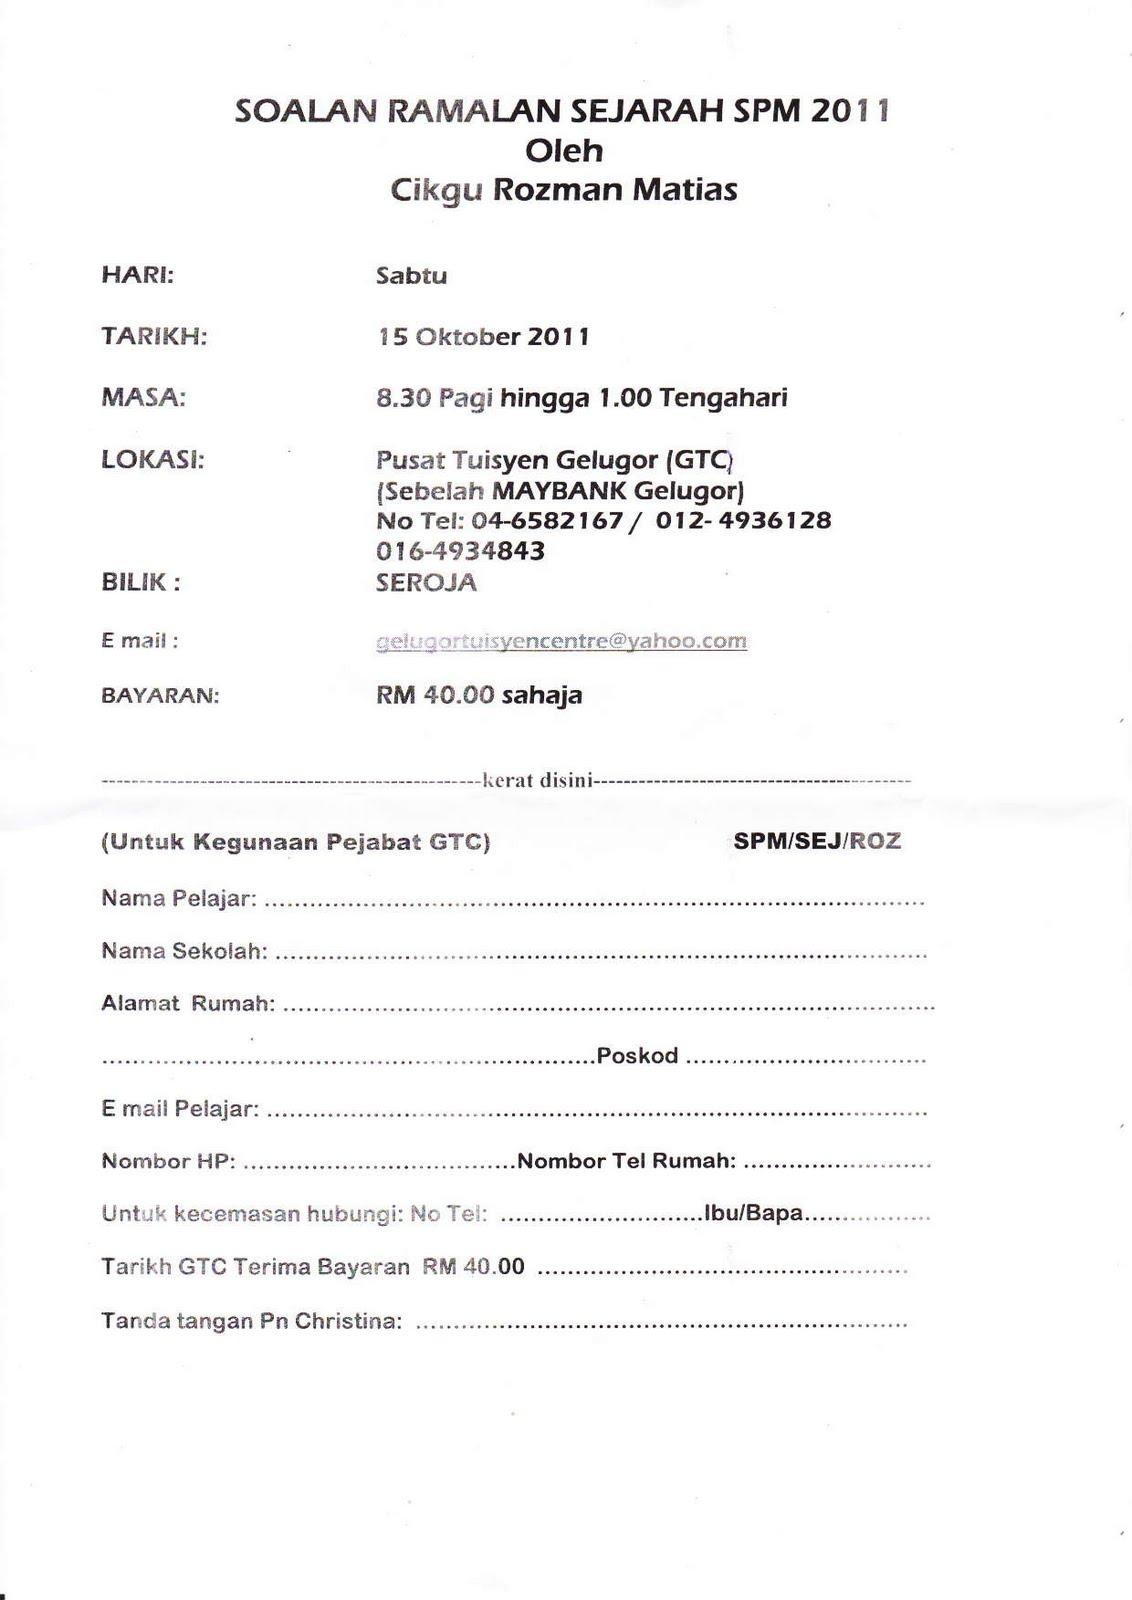 BORANG SEMINAR SPM 2011 : TEKNIK MENJAWAB SOALAN SEJARAH. SILA DAFTAR